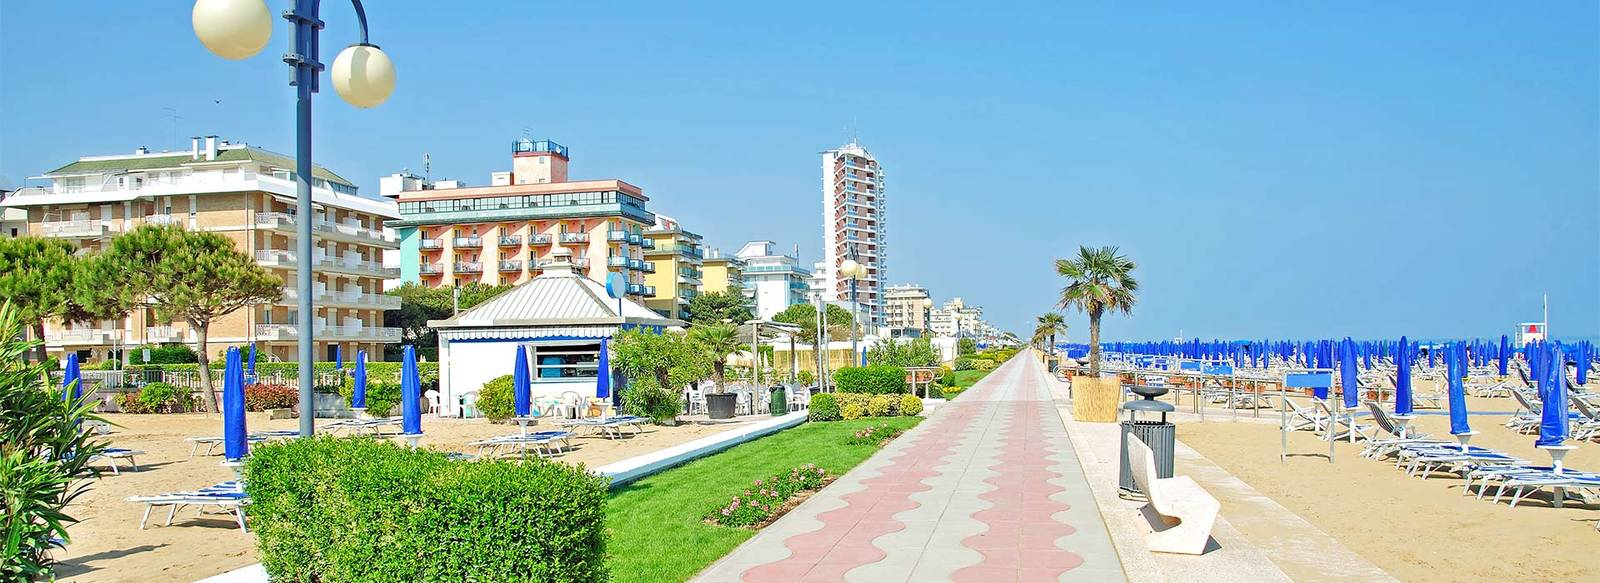 Vicino al faro e alla Darsena, spiaggia inclusa